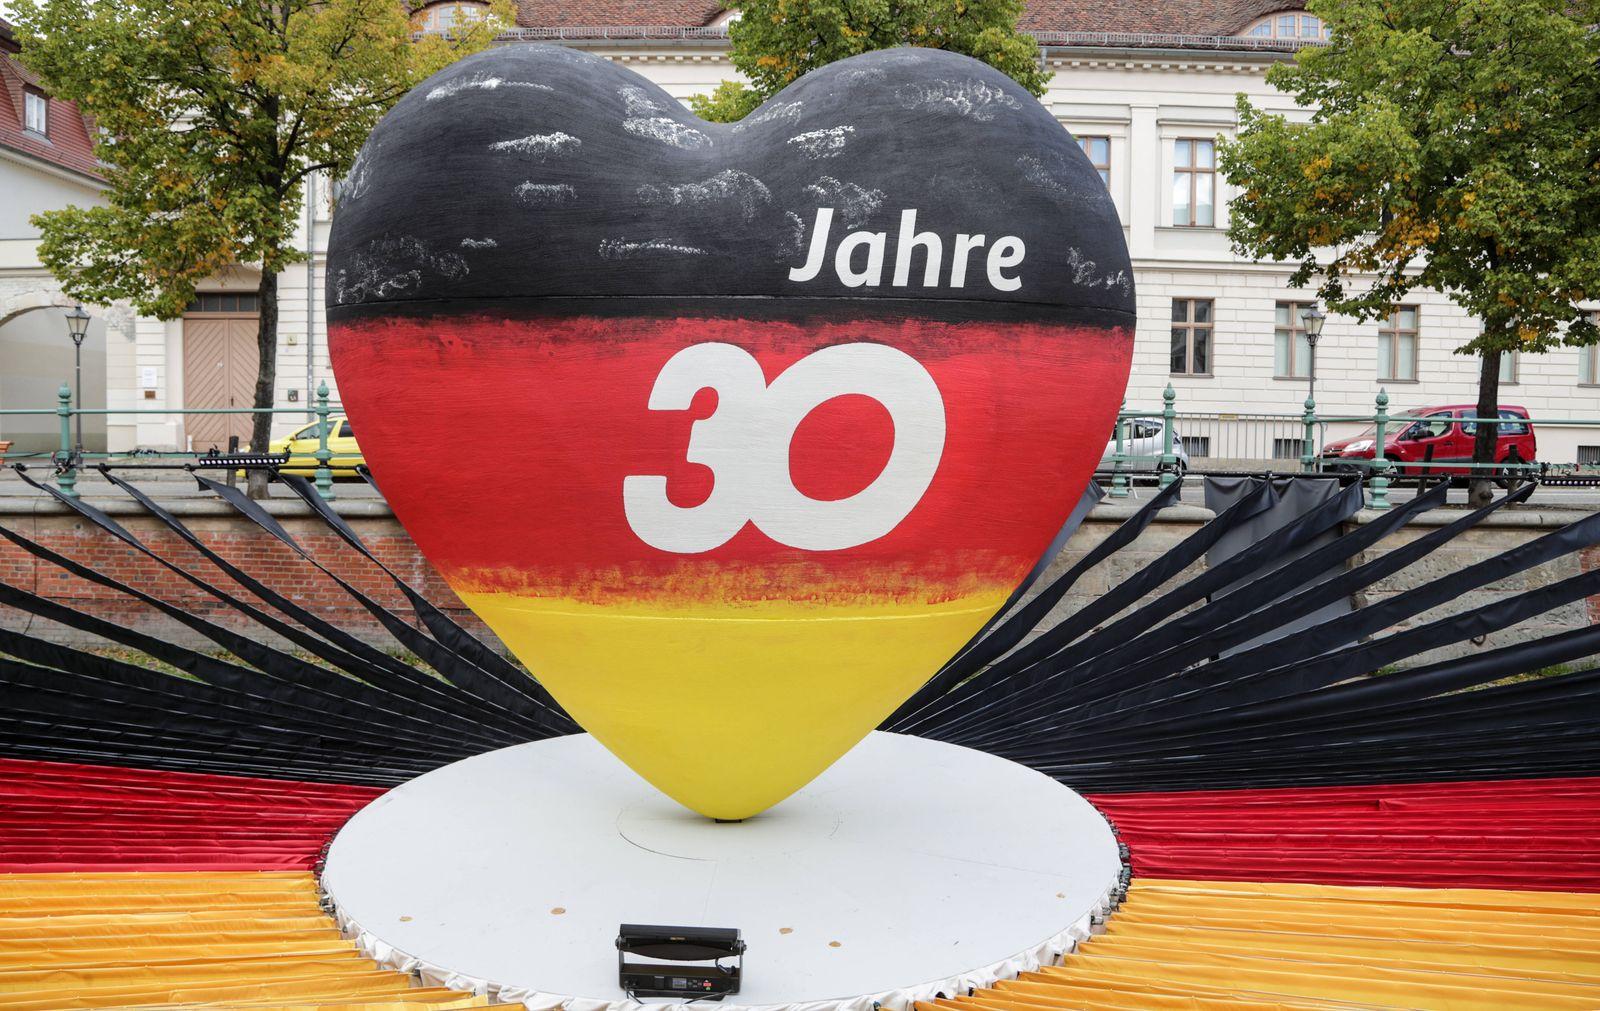 EinheitsEXPO 30. Jahrestag Deutsche Einheit Potsdam, 10.09.2020: EinheitsEXPO zum 30. Jahrestag der Deutschen Einheit.